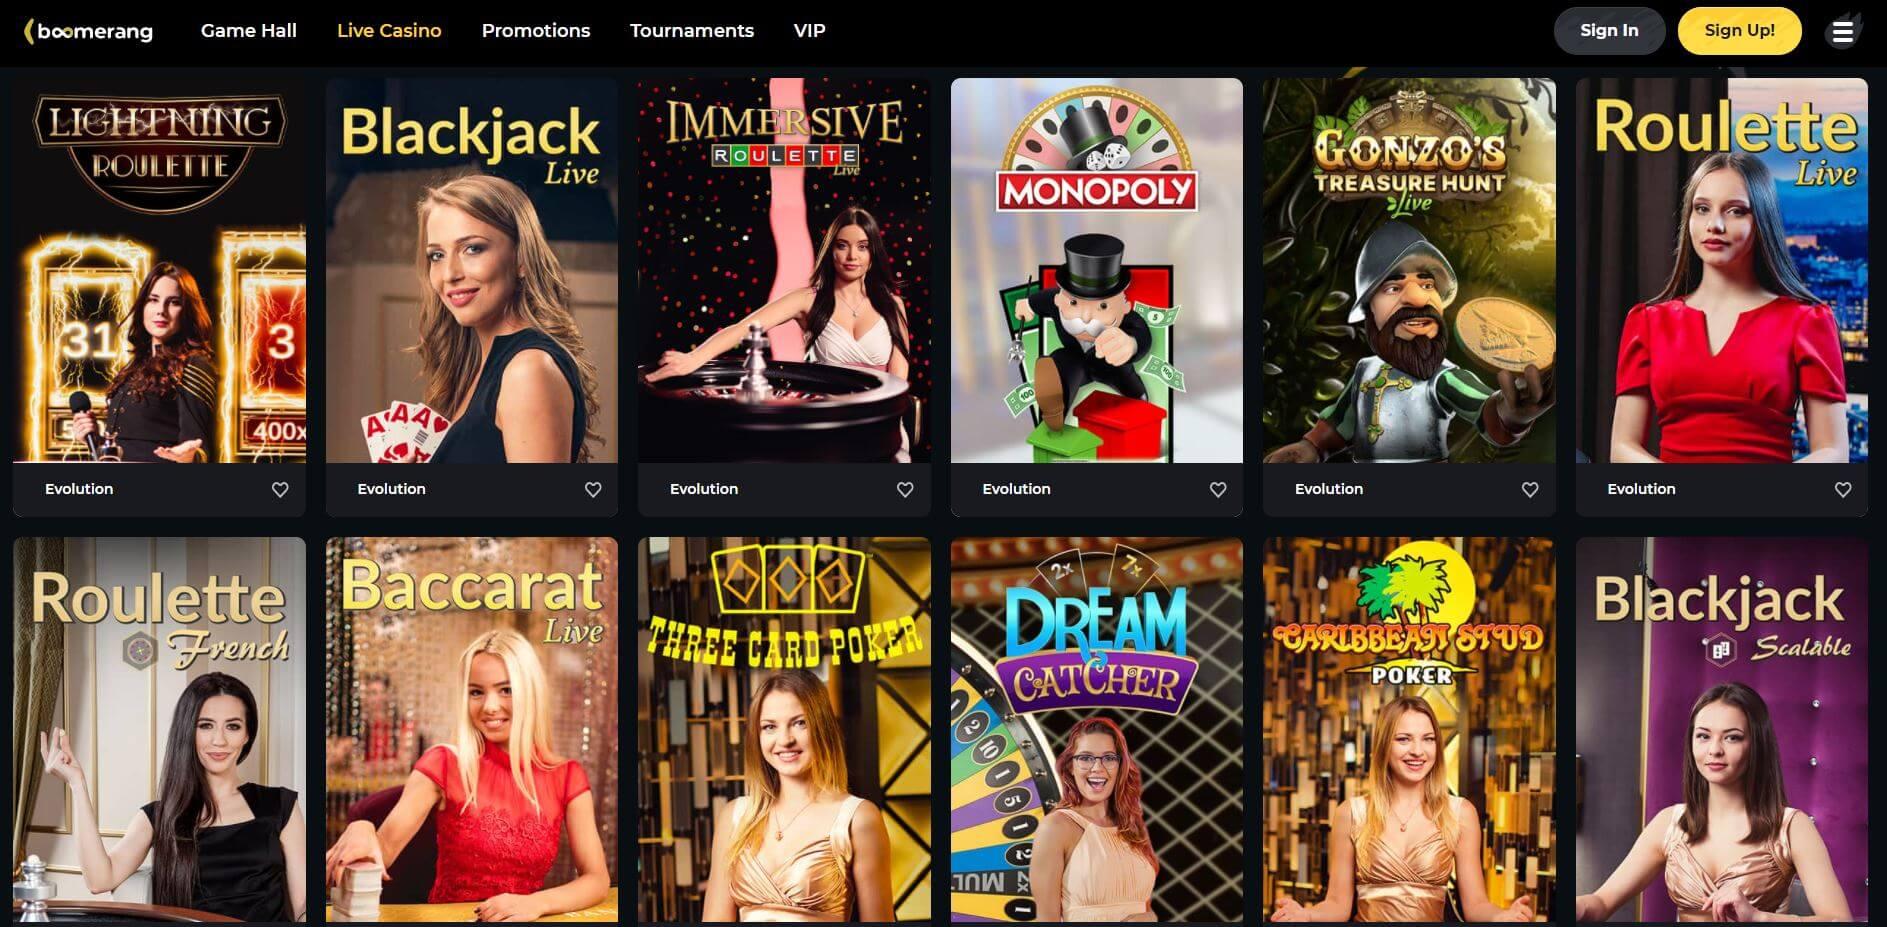 Boomerang Casino Live Casino